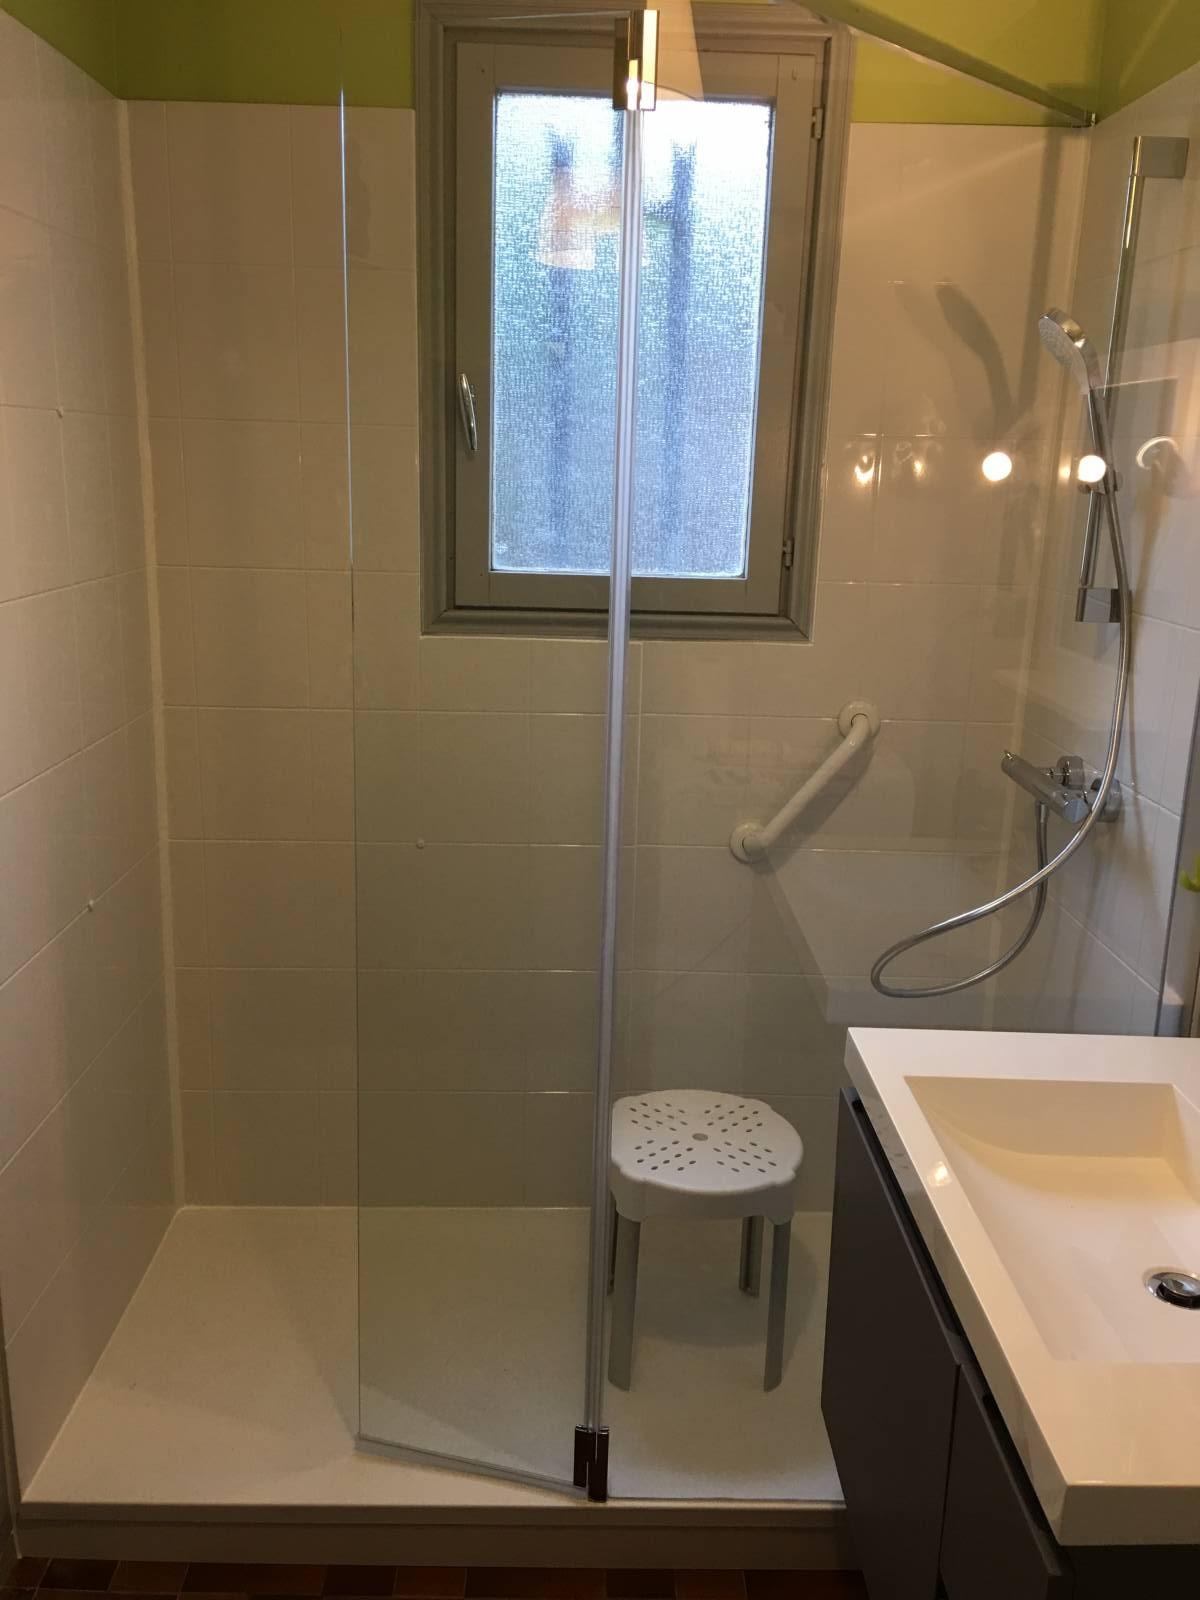 sp cialiste remplacement baignoire par douche senior s curis e six fours les plages et dans. Black Bedroom Furniture Sets. Home Design Ideas